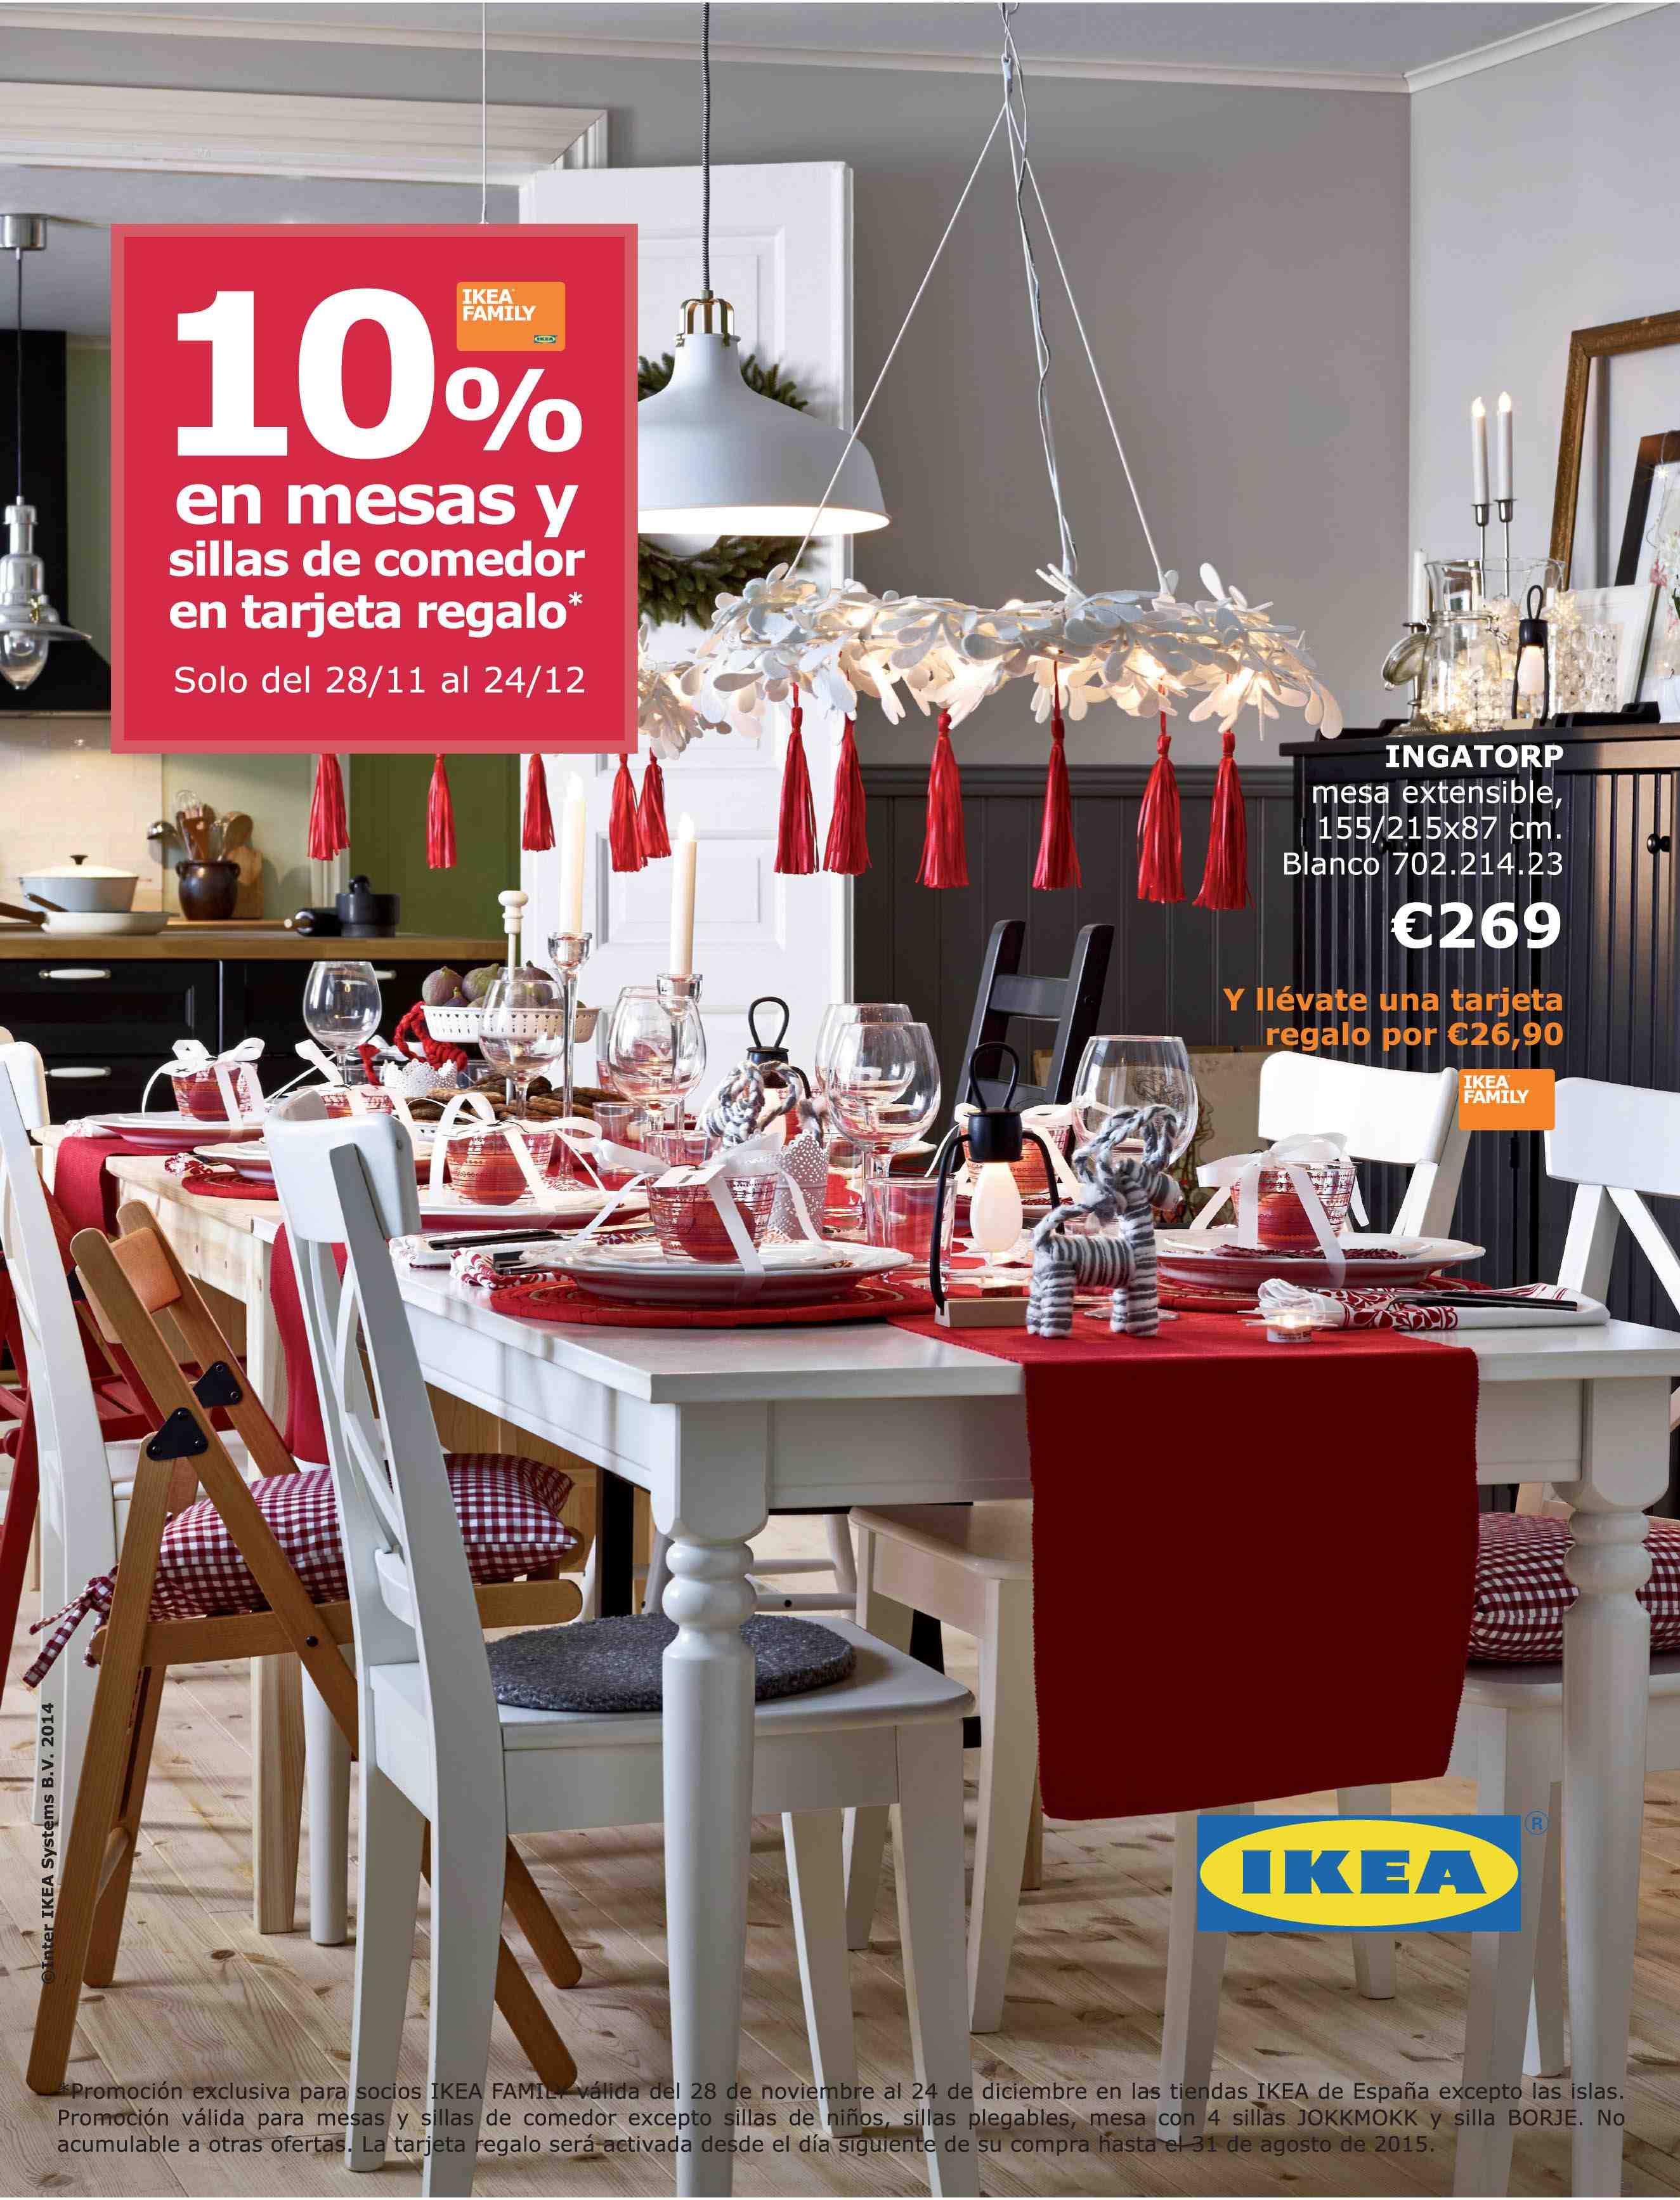 IKEA: 10% en mesas y sillas de comedor en tarjeta regalo